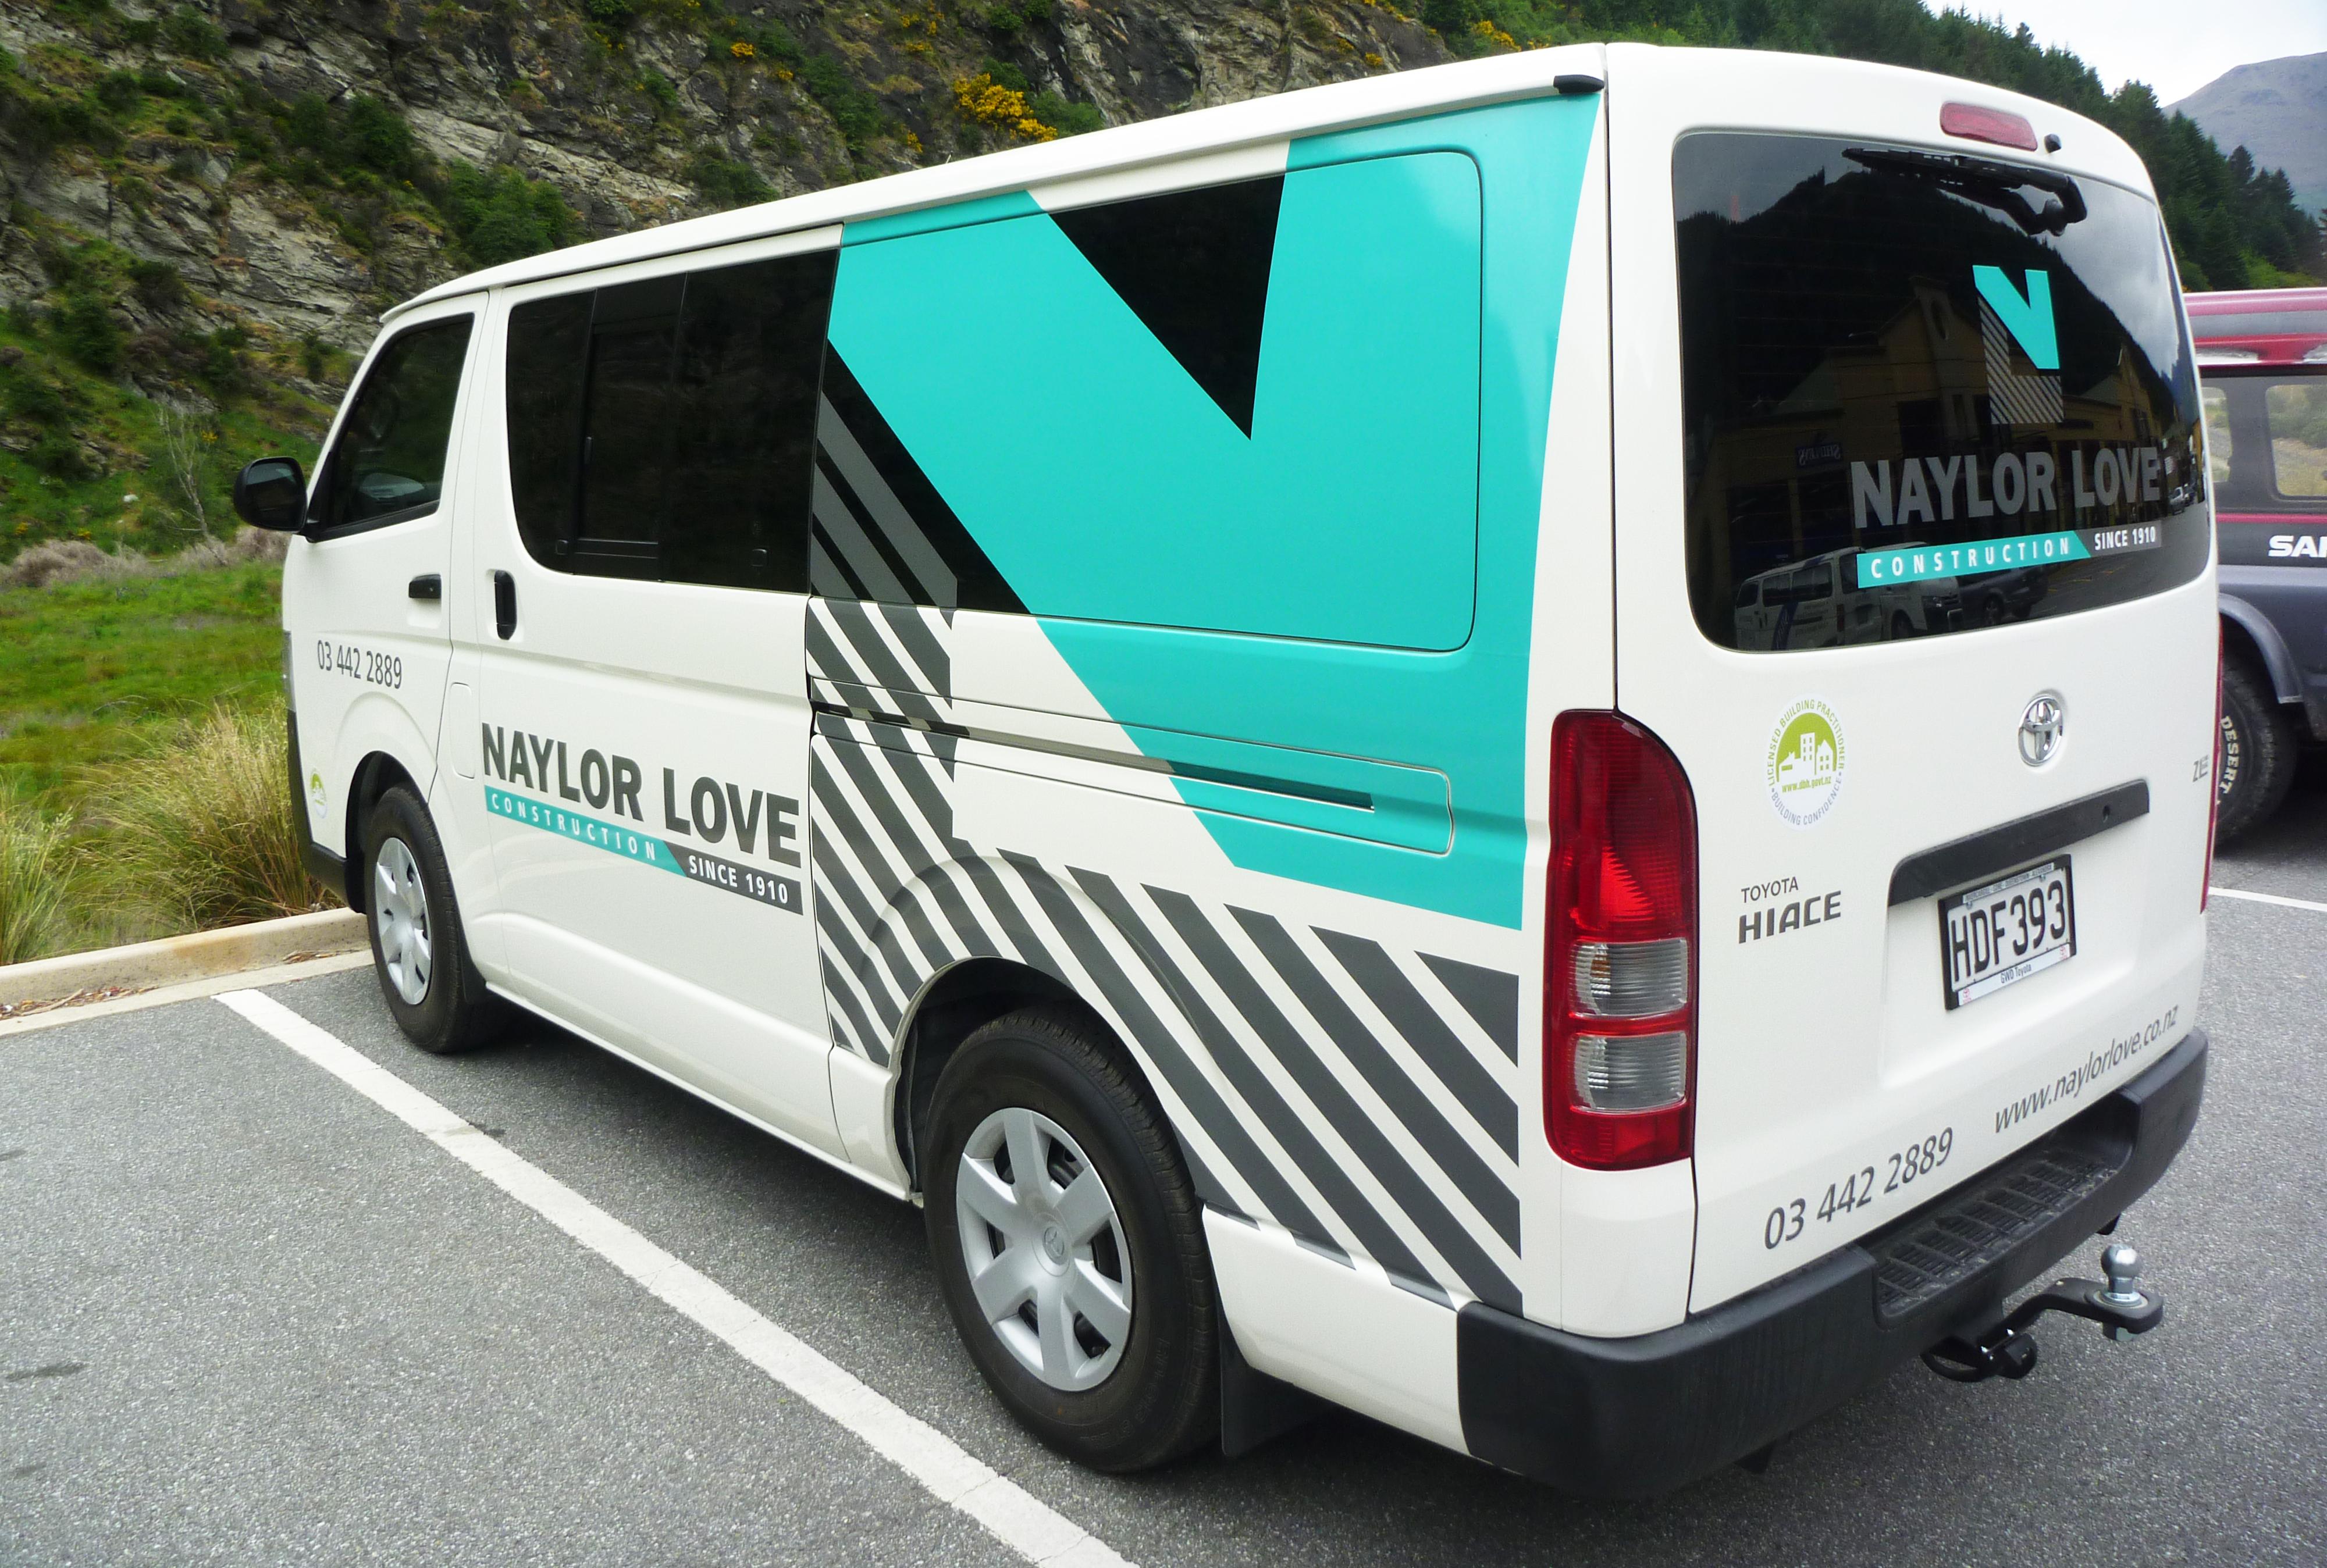 Naylor Love Van